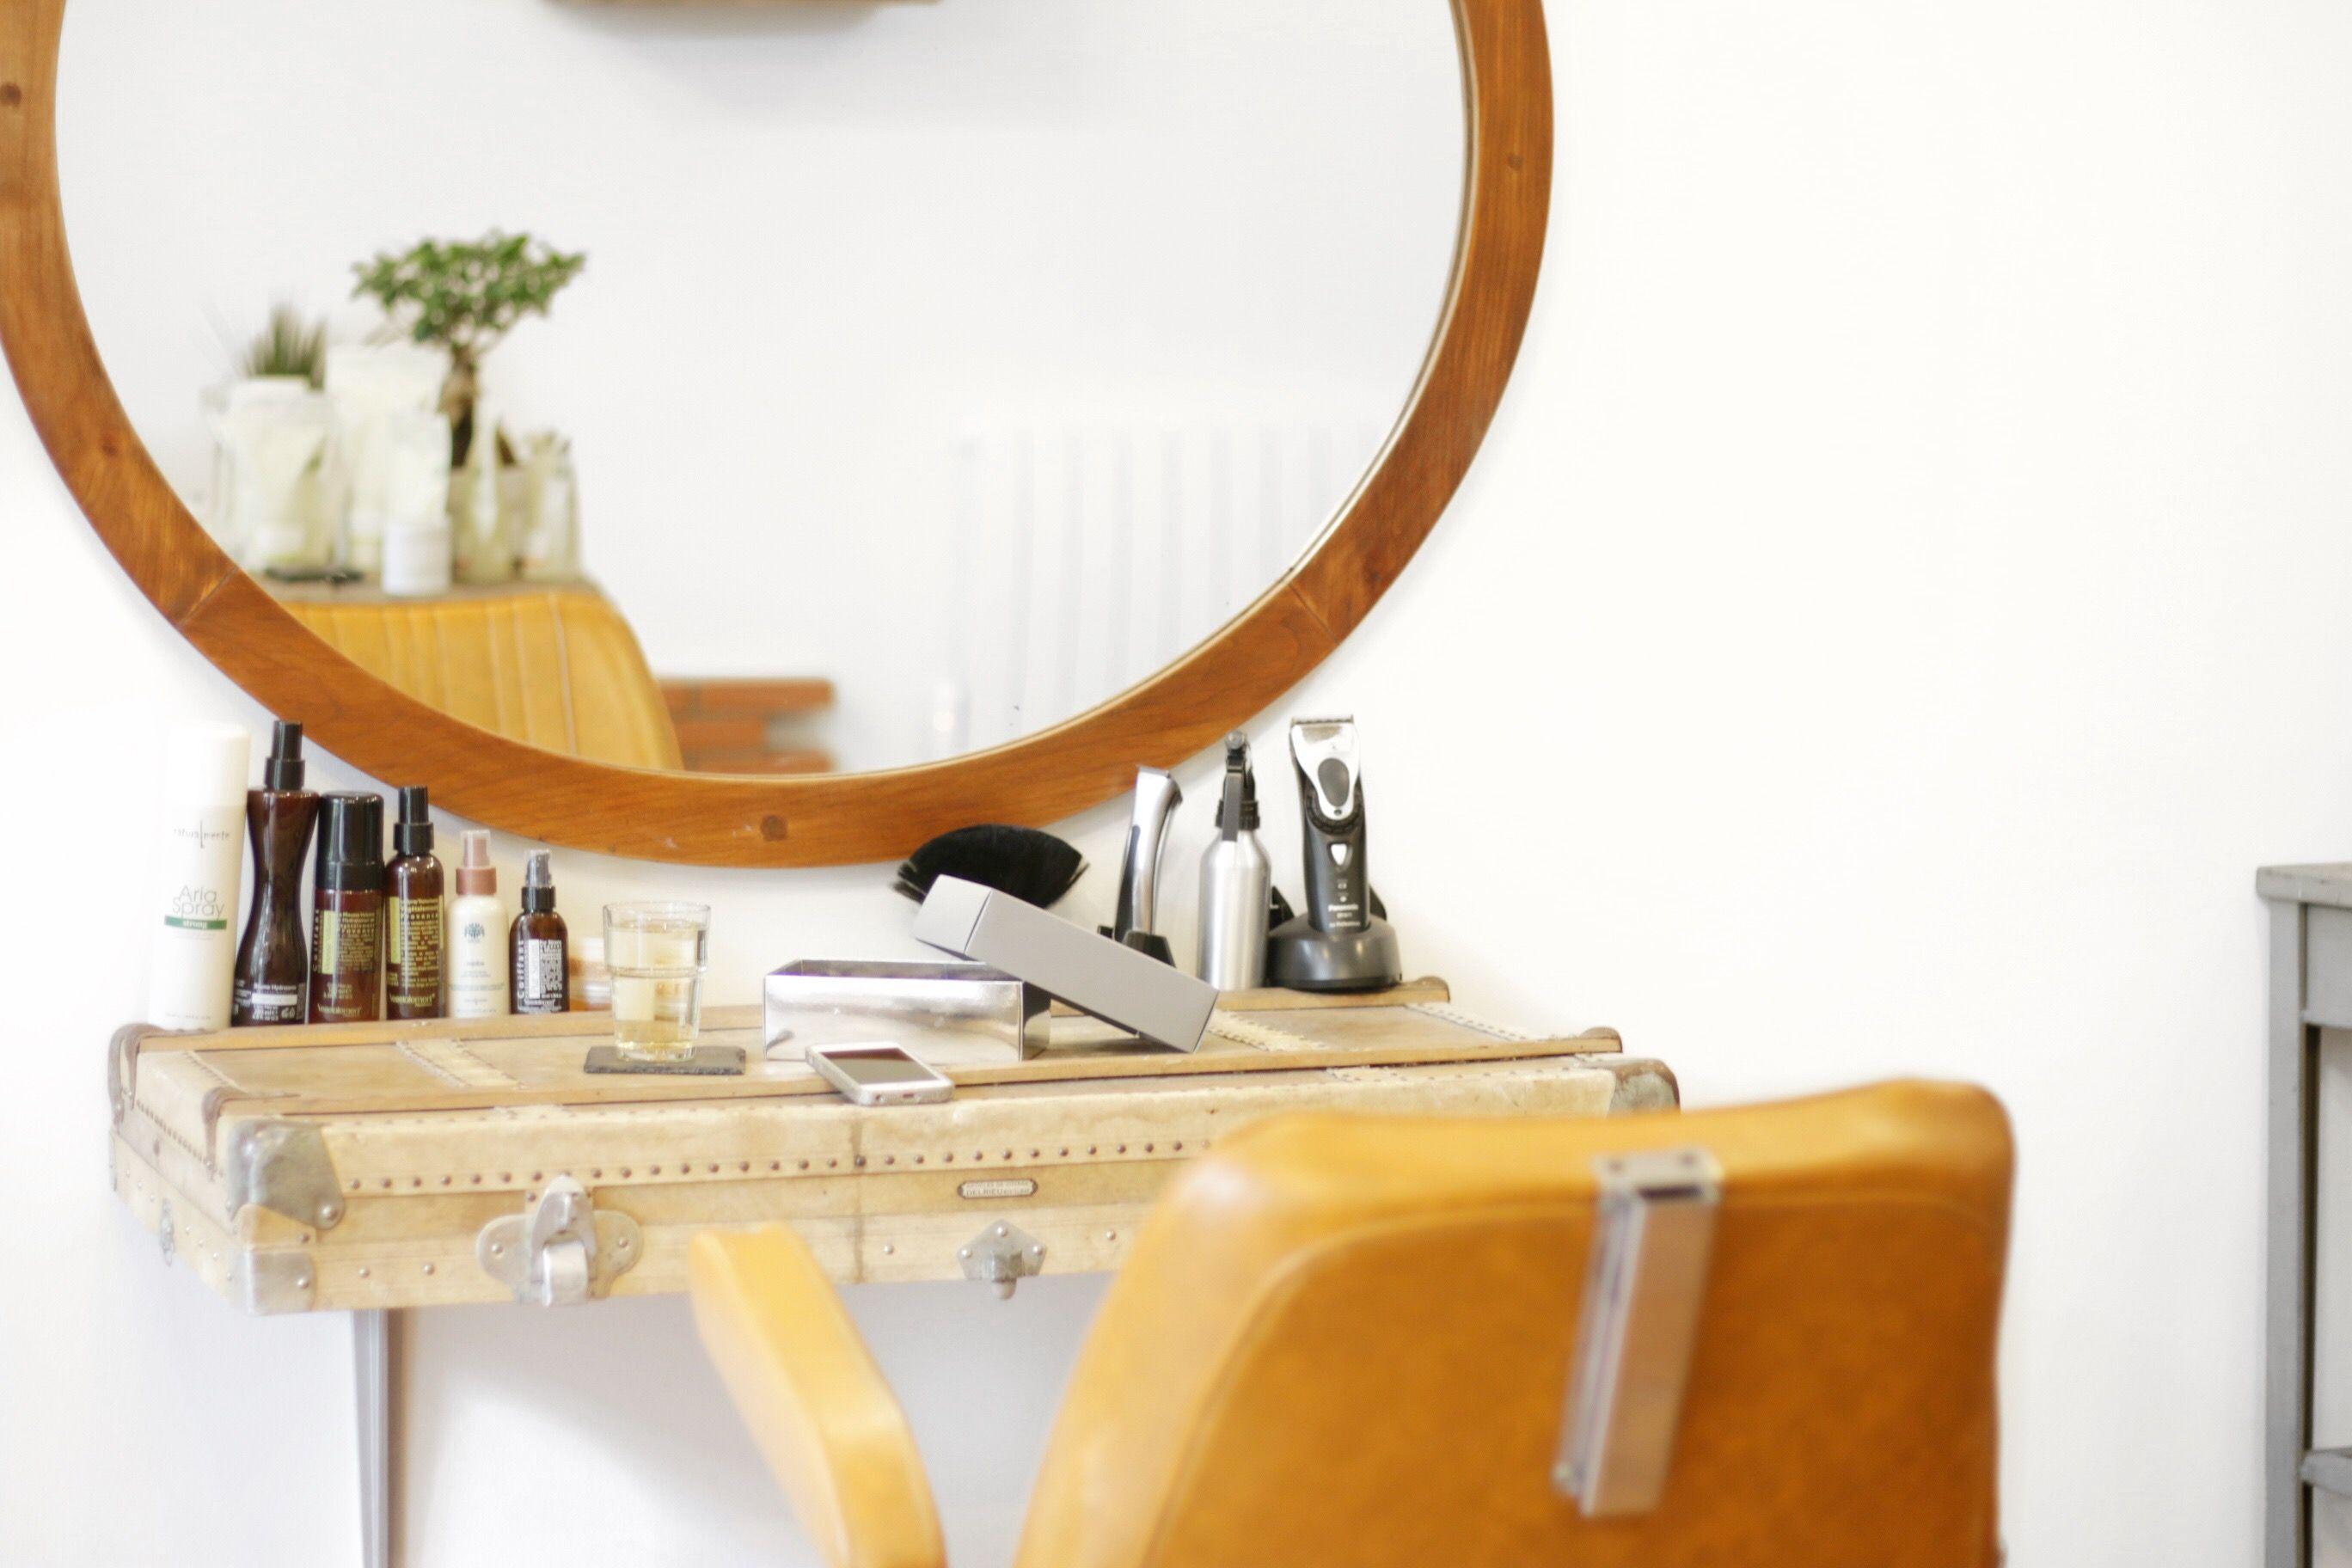 Scult Le Salon De Coiffure Eco Friendly Dis Oui Ninon Miroir Salle De Bain Salon De Coiffure Salon